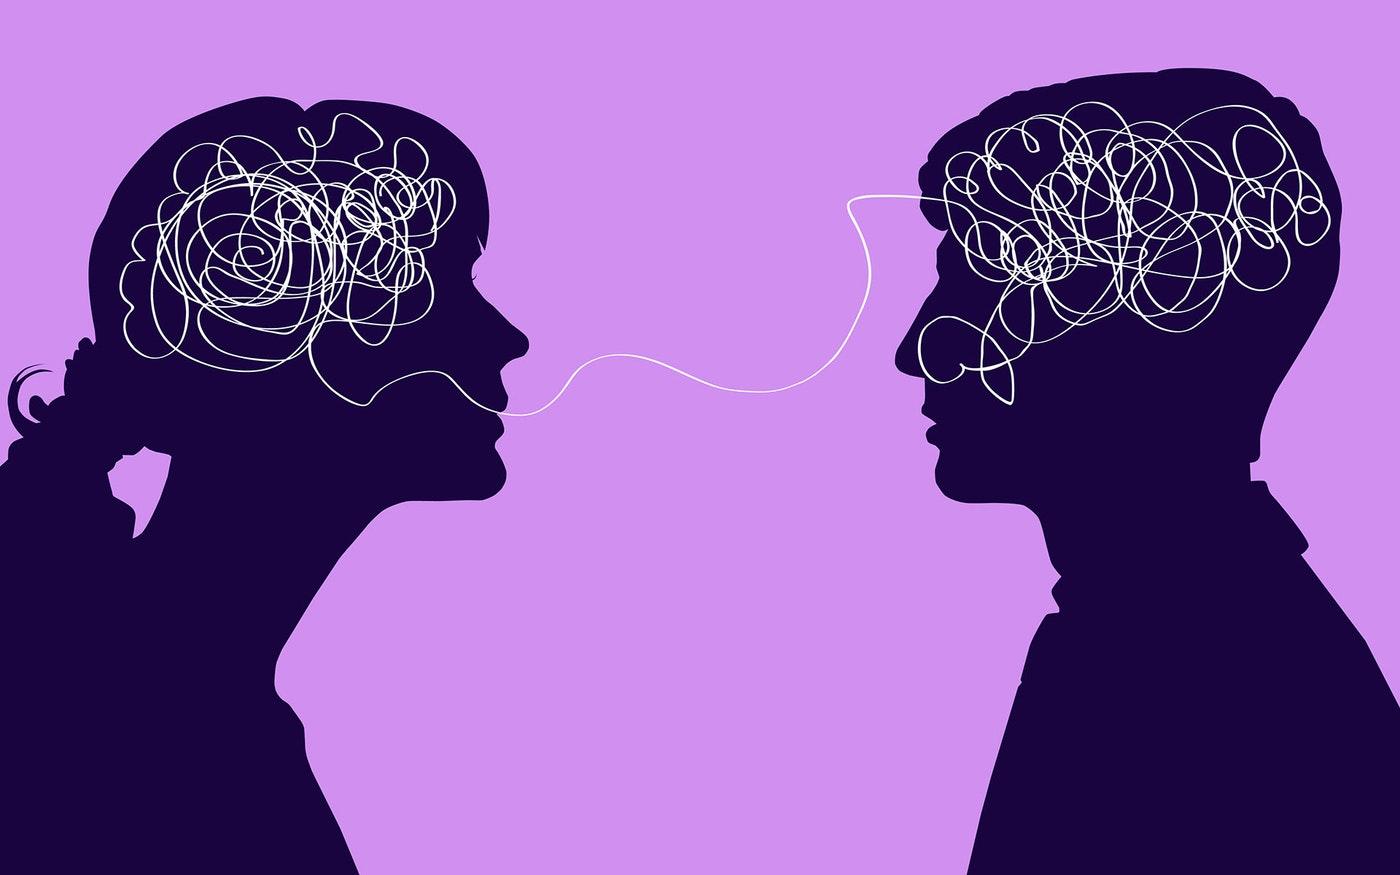 Femeile vorbesc mai mult decât bărbaţii, Sursa Mindful.org